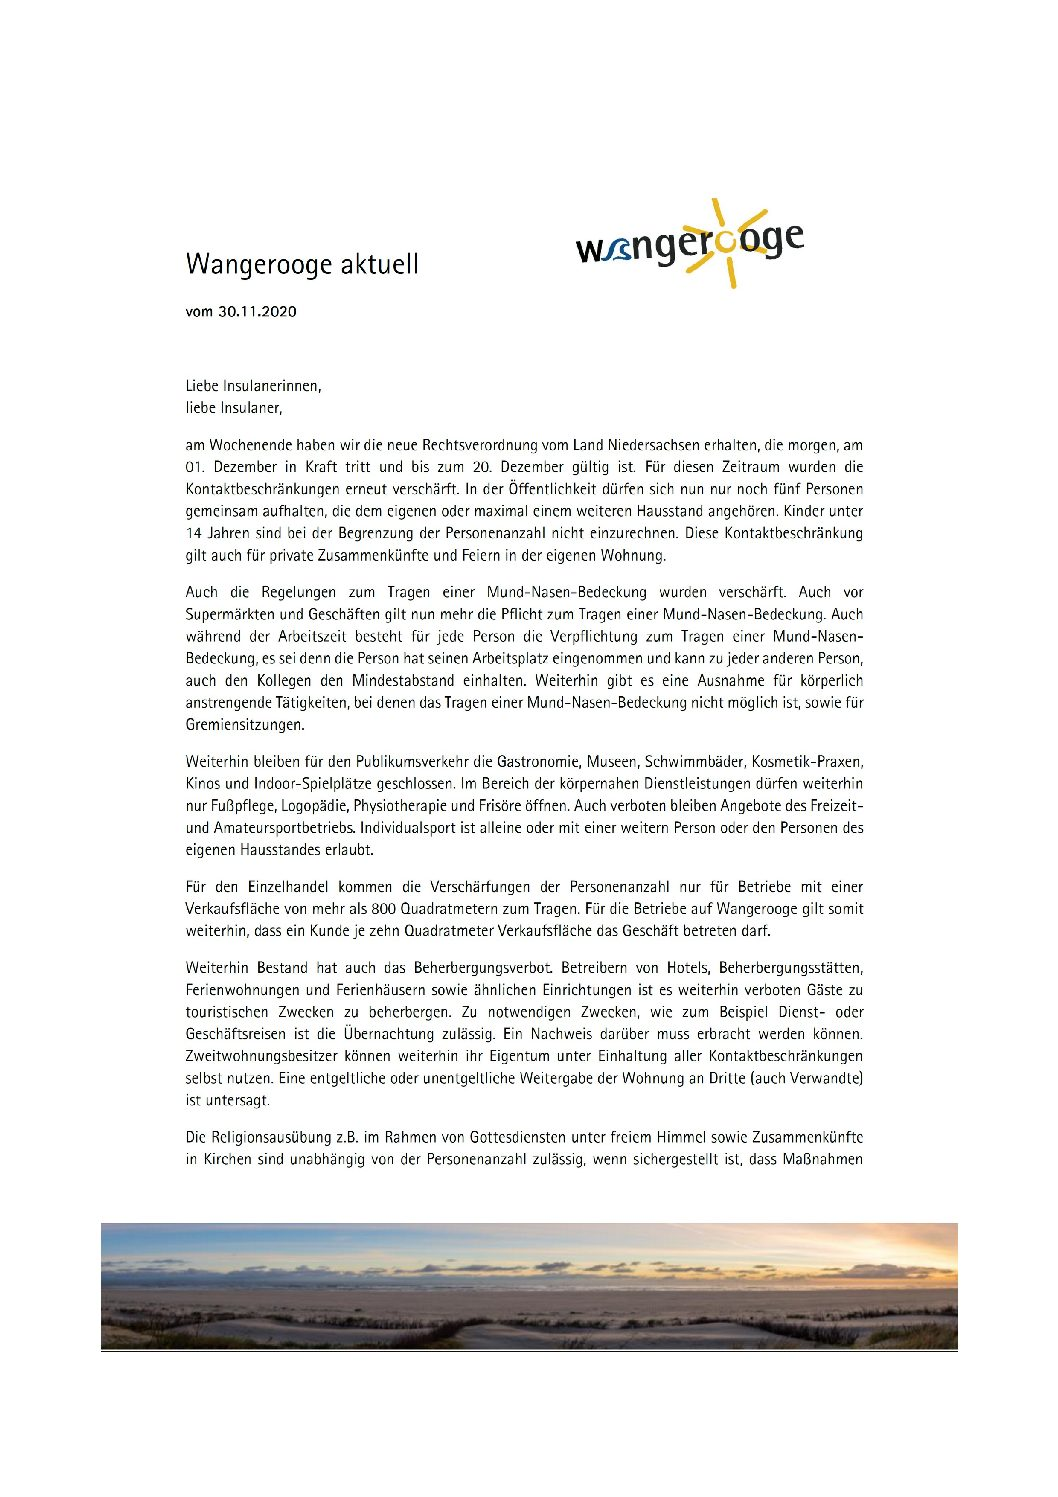 Wangerooge Aktuell der Kurverwaltung 30.11.2020 zur neuen Rechtsverordnung vom Land Niedersachsen